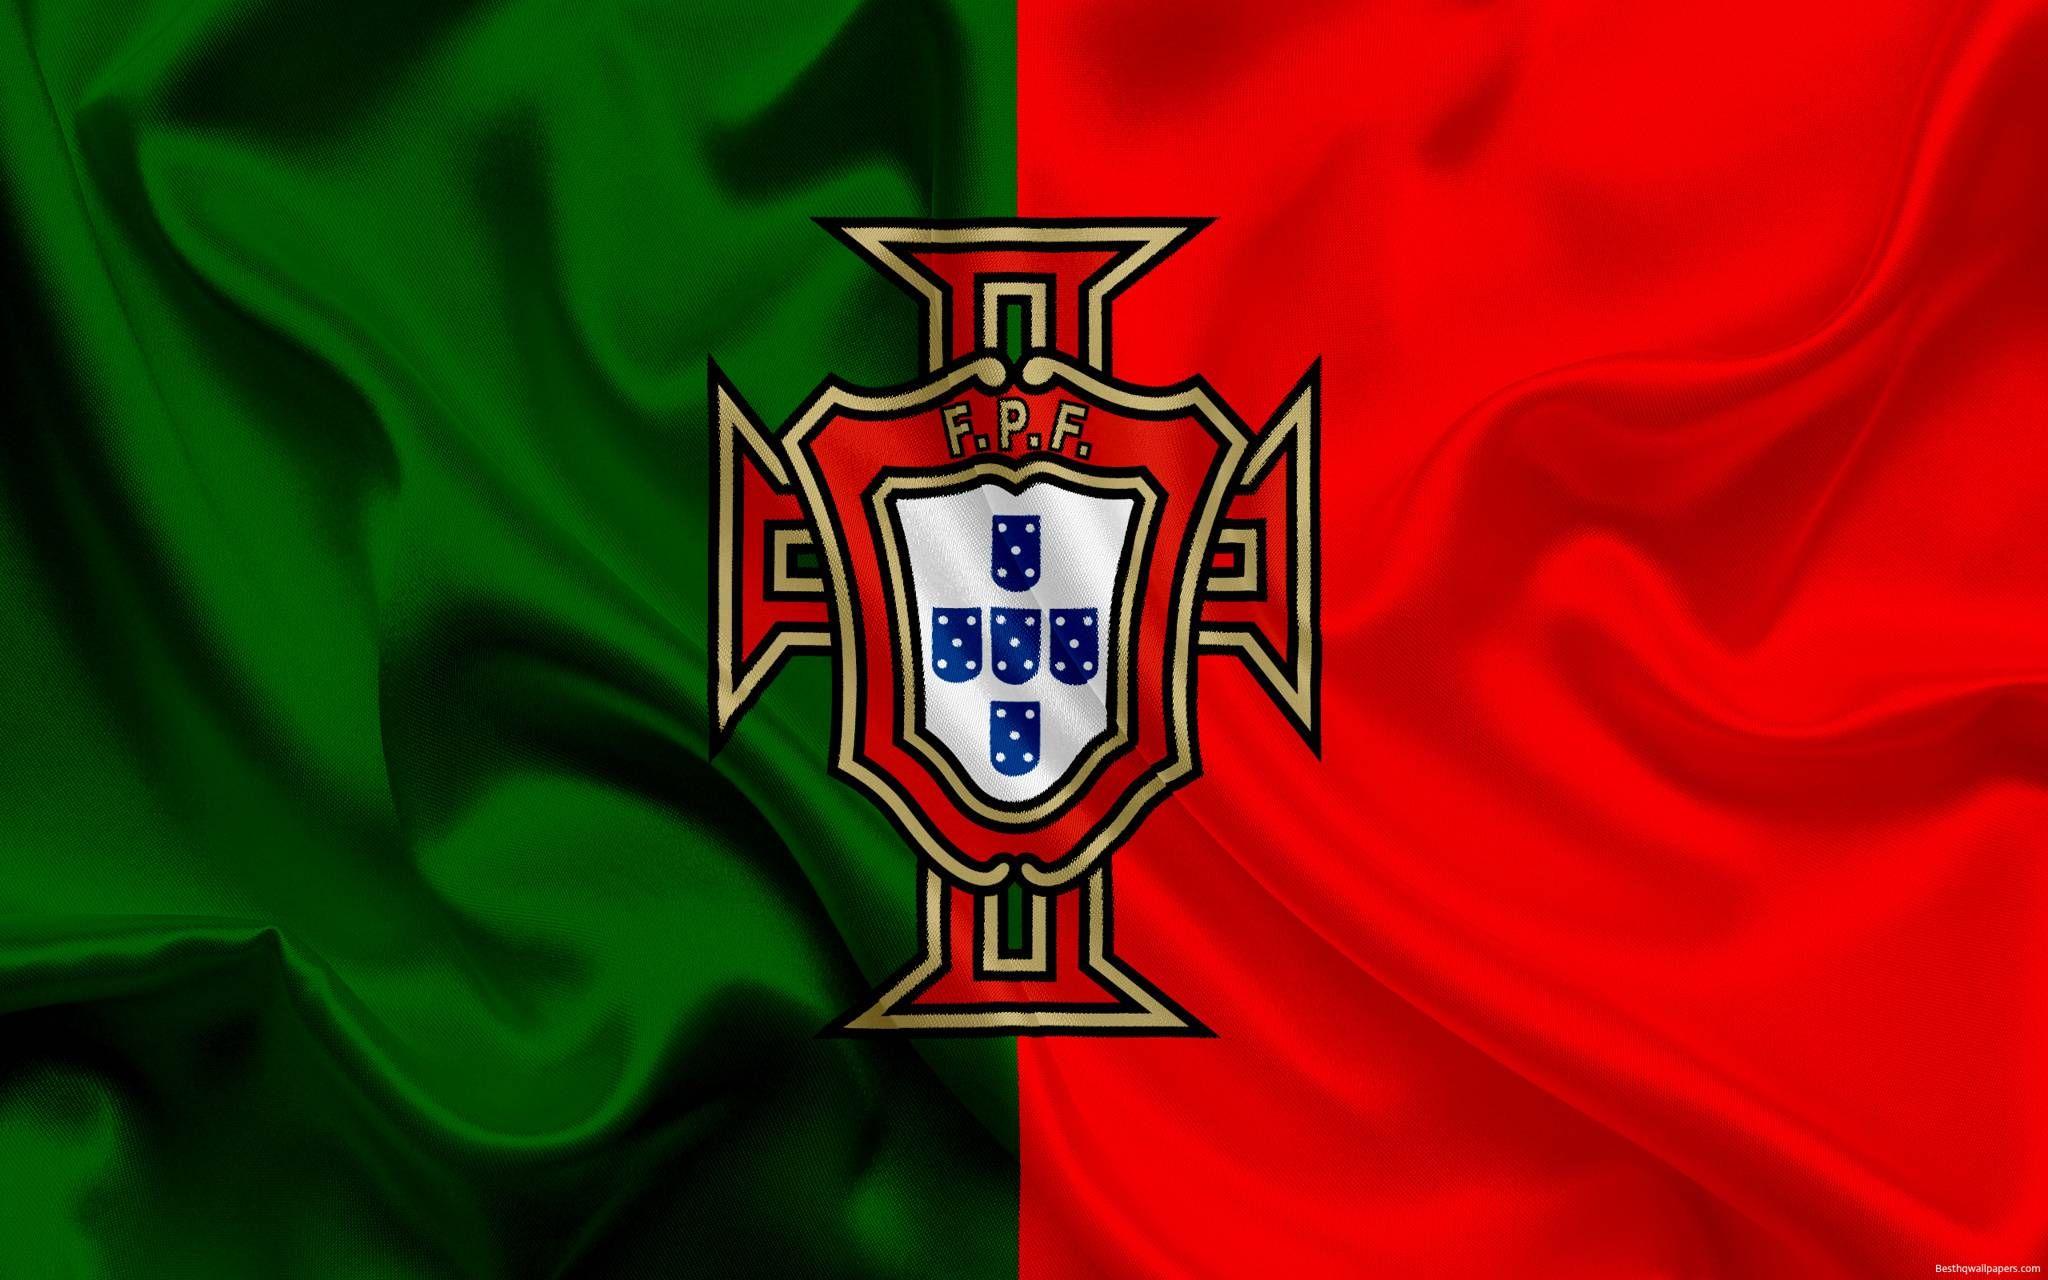 Download Portugal Football Wallpaper by ElnazTajaddod f0